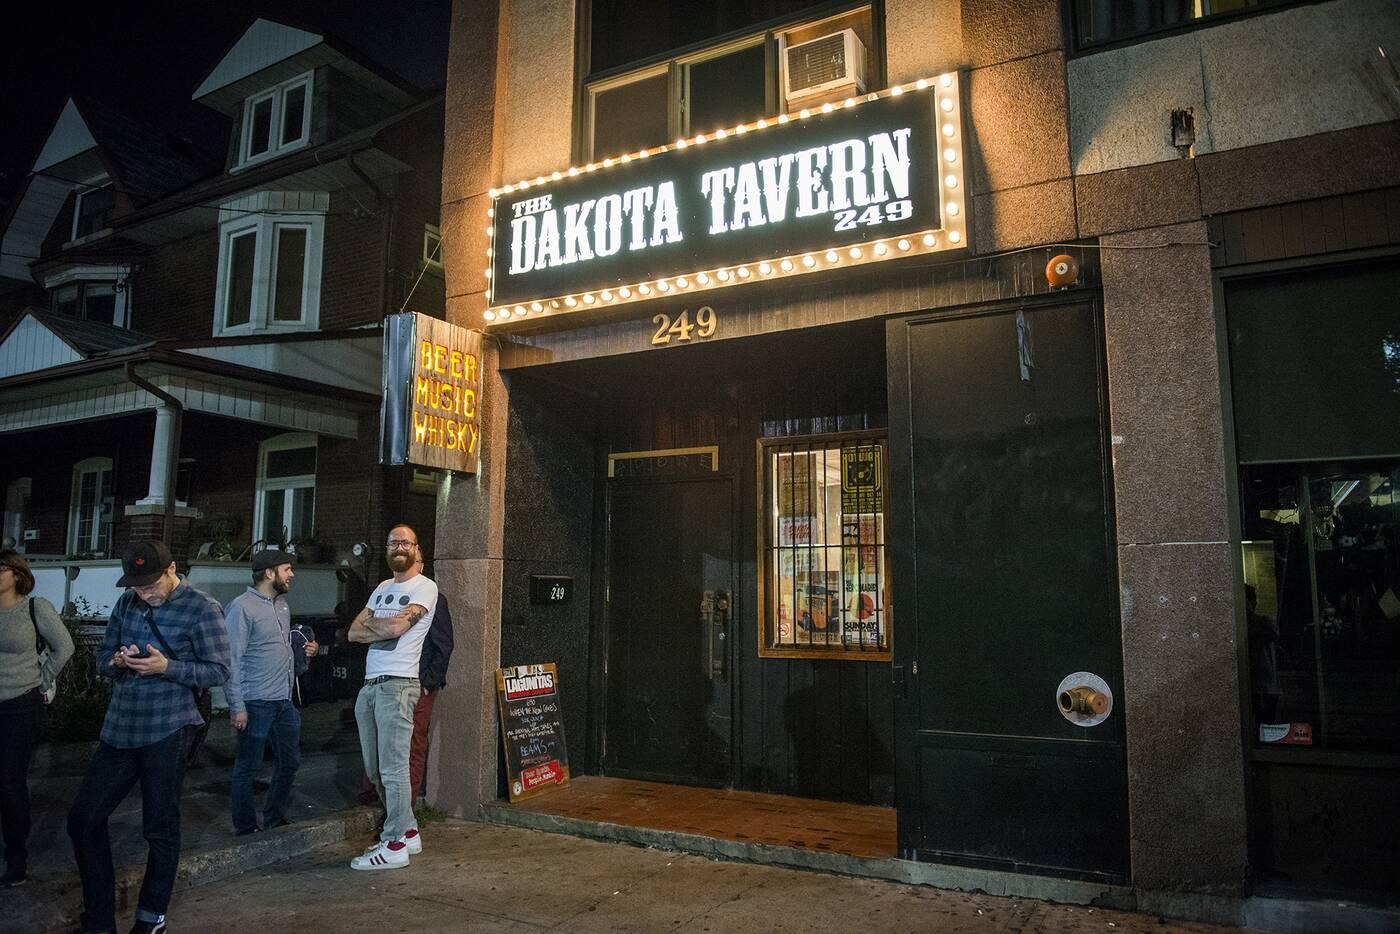 Dakota Tavern Toronto